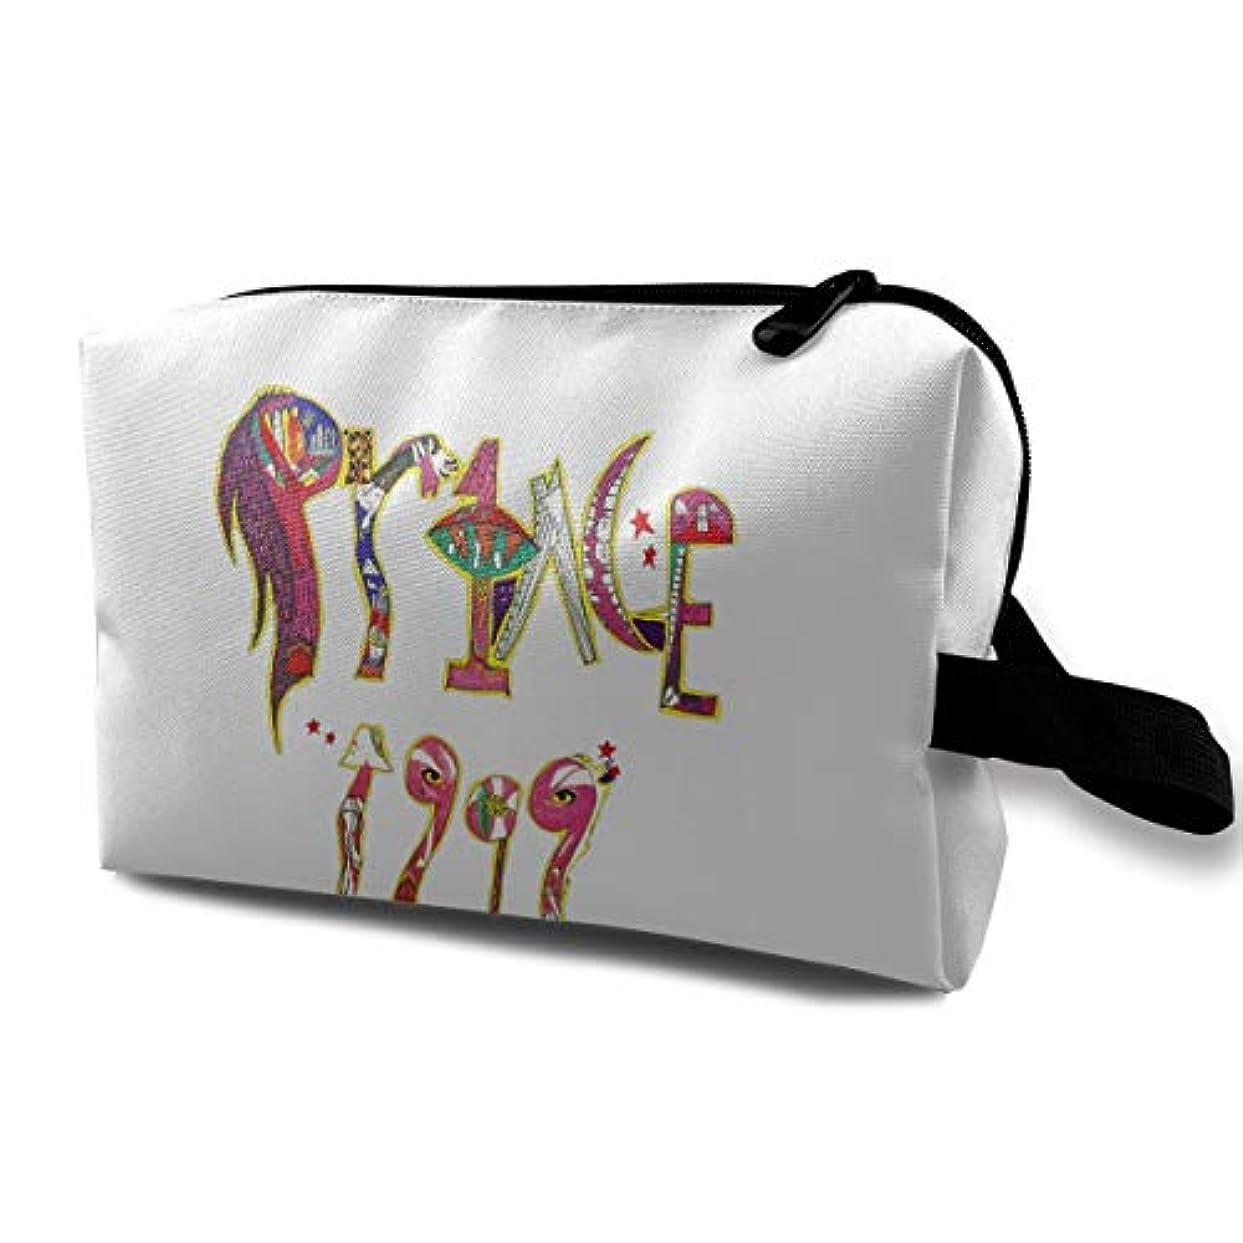 本を読む科学者相互化粧ポーチ 防水 機能的 旅行化粧品バッグ 持ち運び便利 トラベル収納バッグ